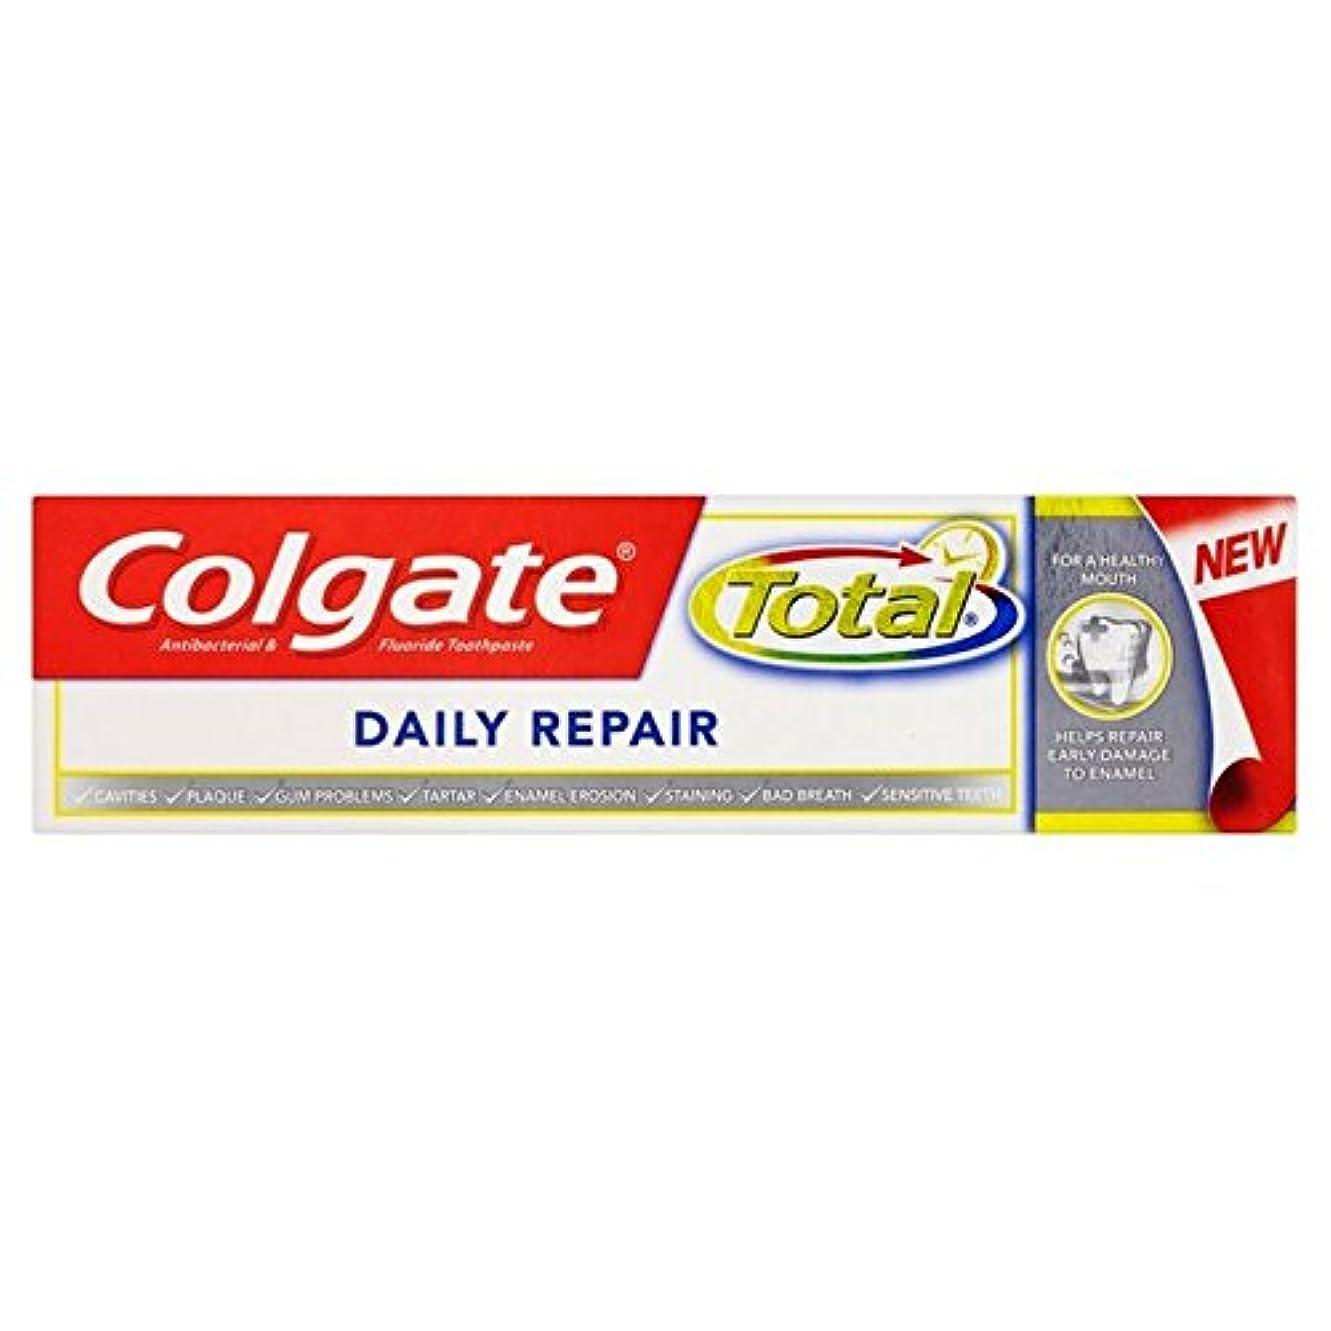 緯度と組む決定的コルゲートトータル毎日修理歯磨き粉75ミリリットル x2 - Colgate Total Daily Repair Toothpaste 75ml (Pack of 2) [並行輸入品]